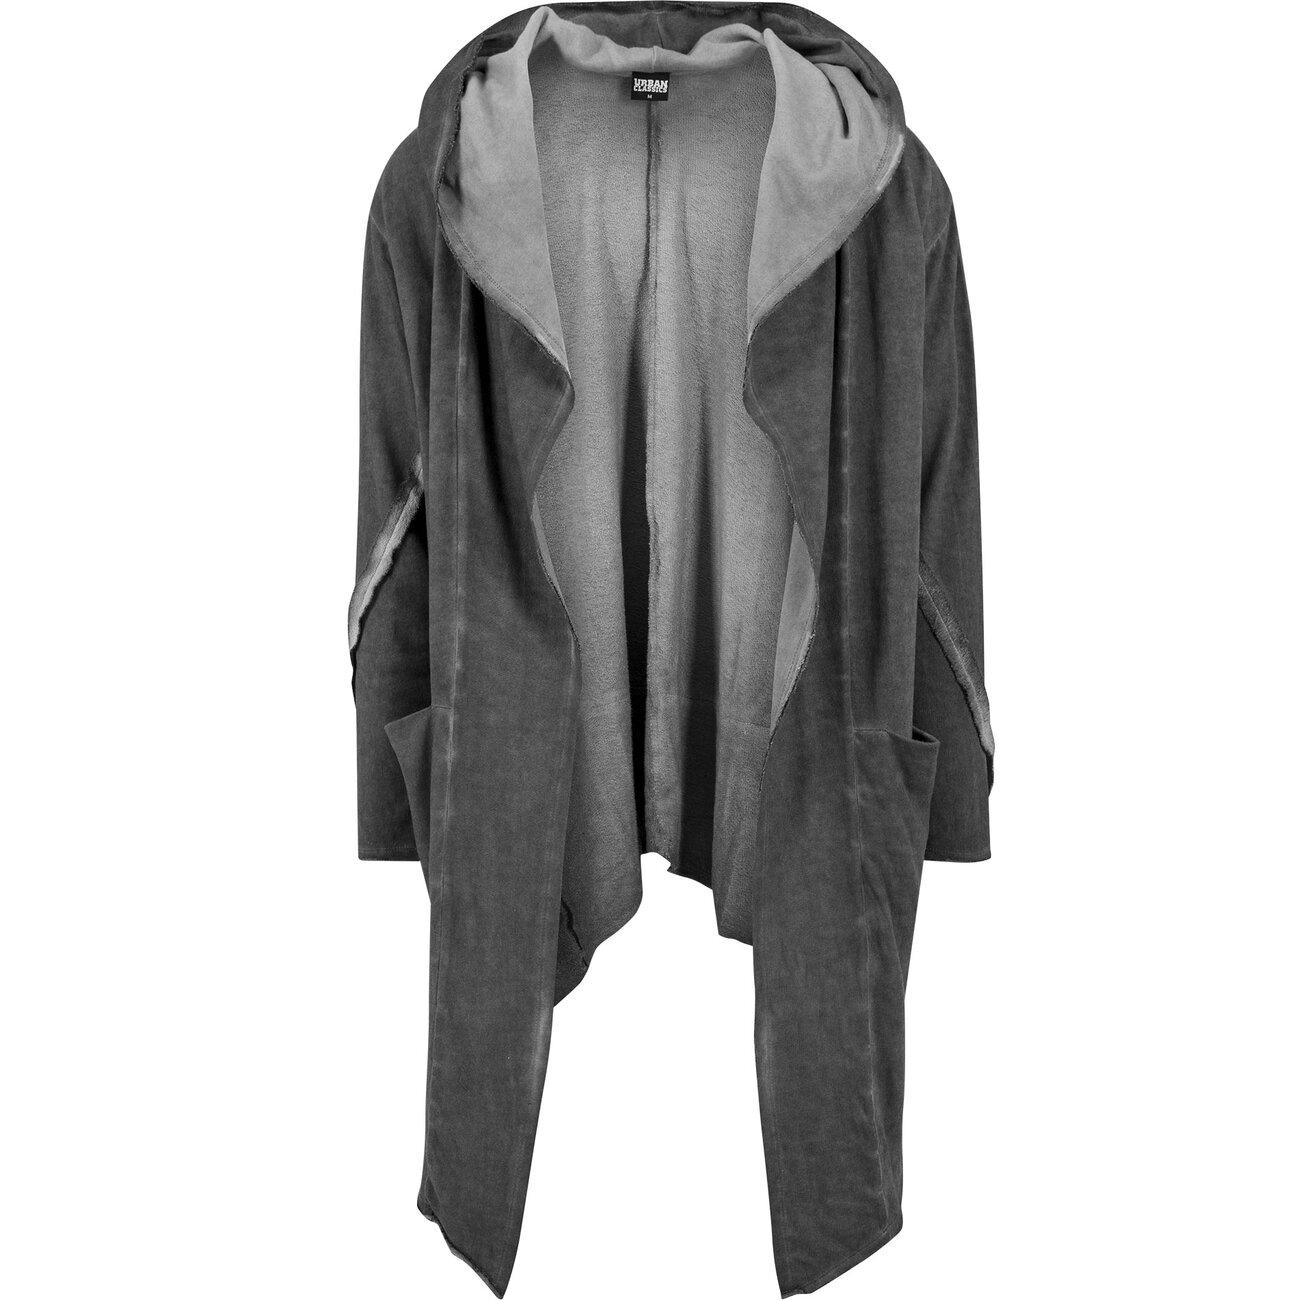 d99a6ae3a5f2 Urban Classics Herren Strickjacke Cold Dye In Grau 294026